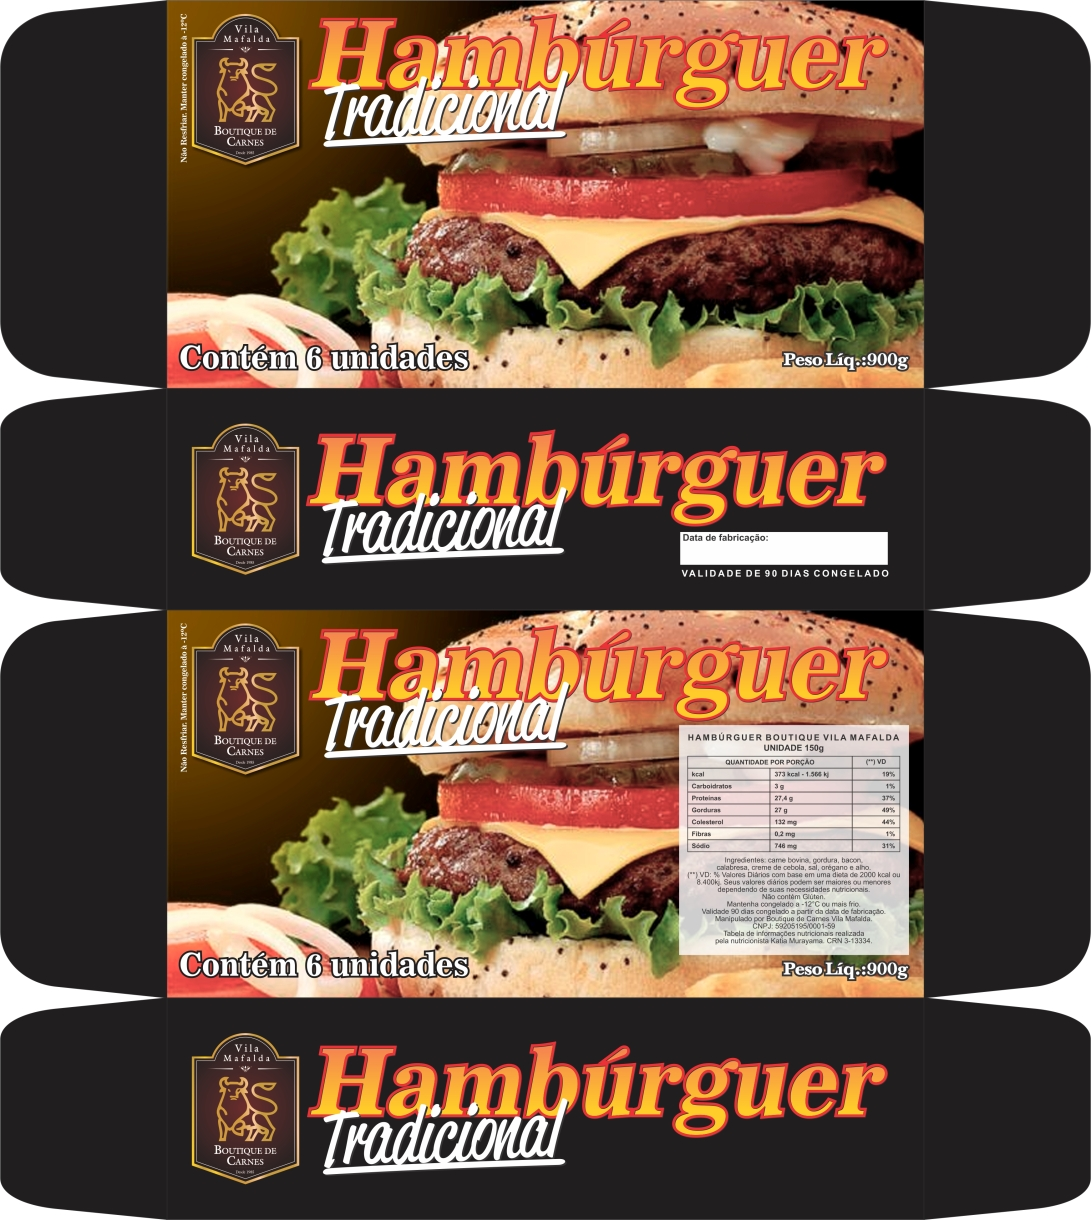 caixa hamburguer tradicional